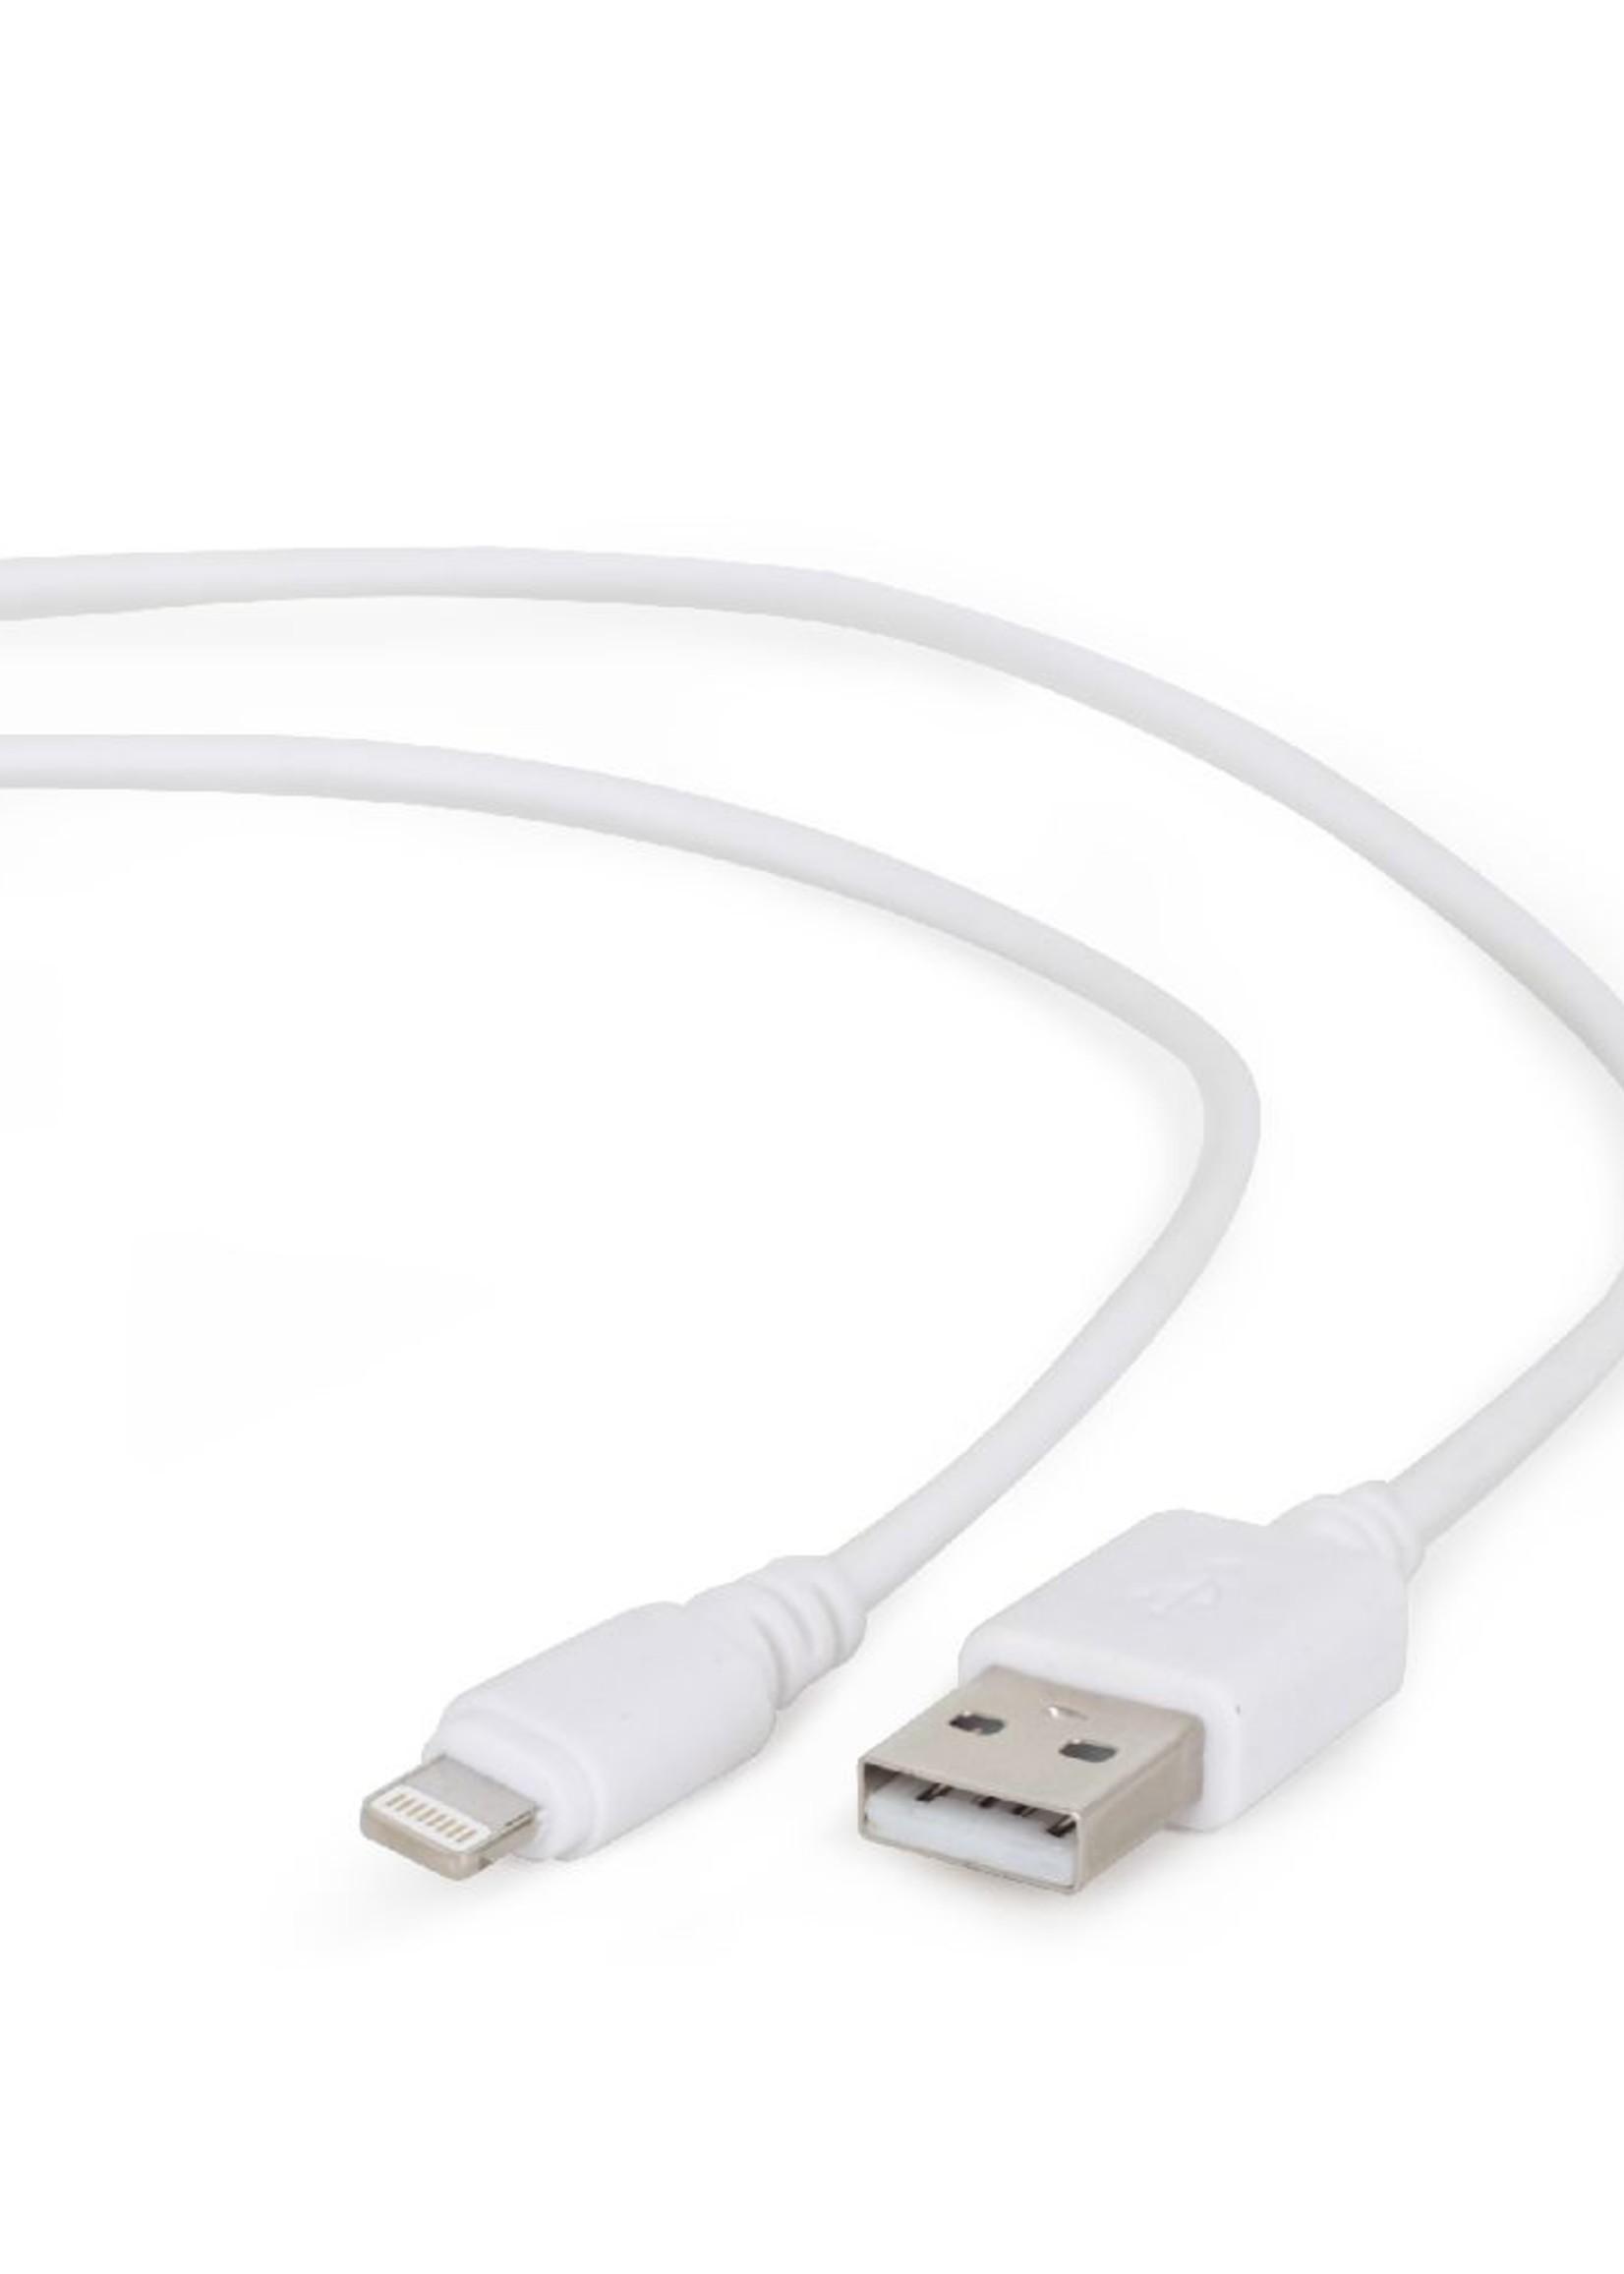 CableXpert USB oplaadkabel wit 3 meter